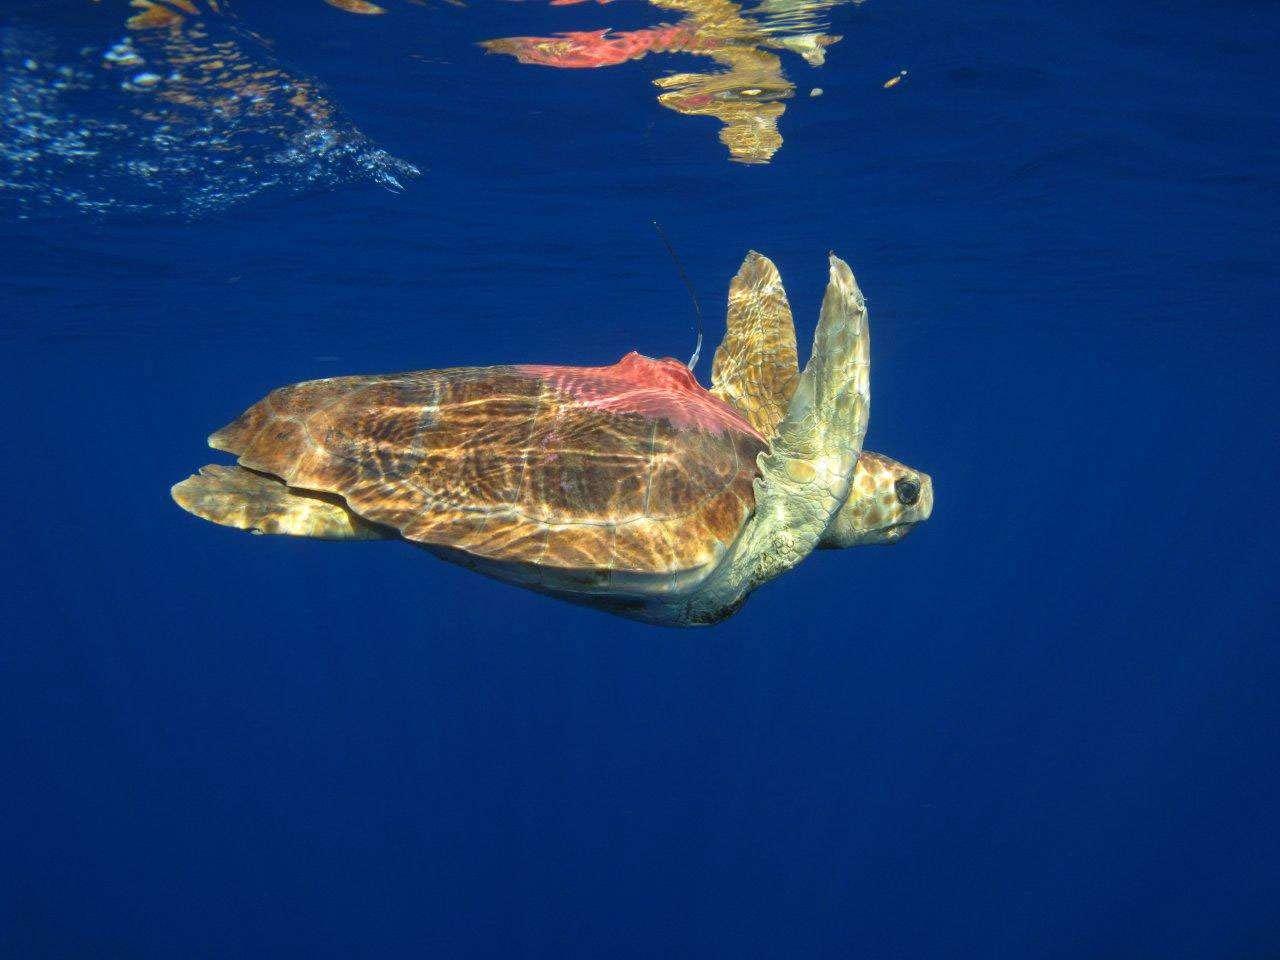 Une tortue caouanne dans l'océan Indien équipée d'une balise Argos. © Ifremer, J. Bourjea